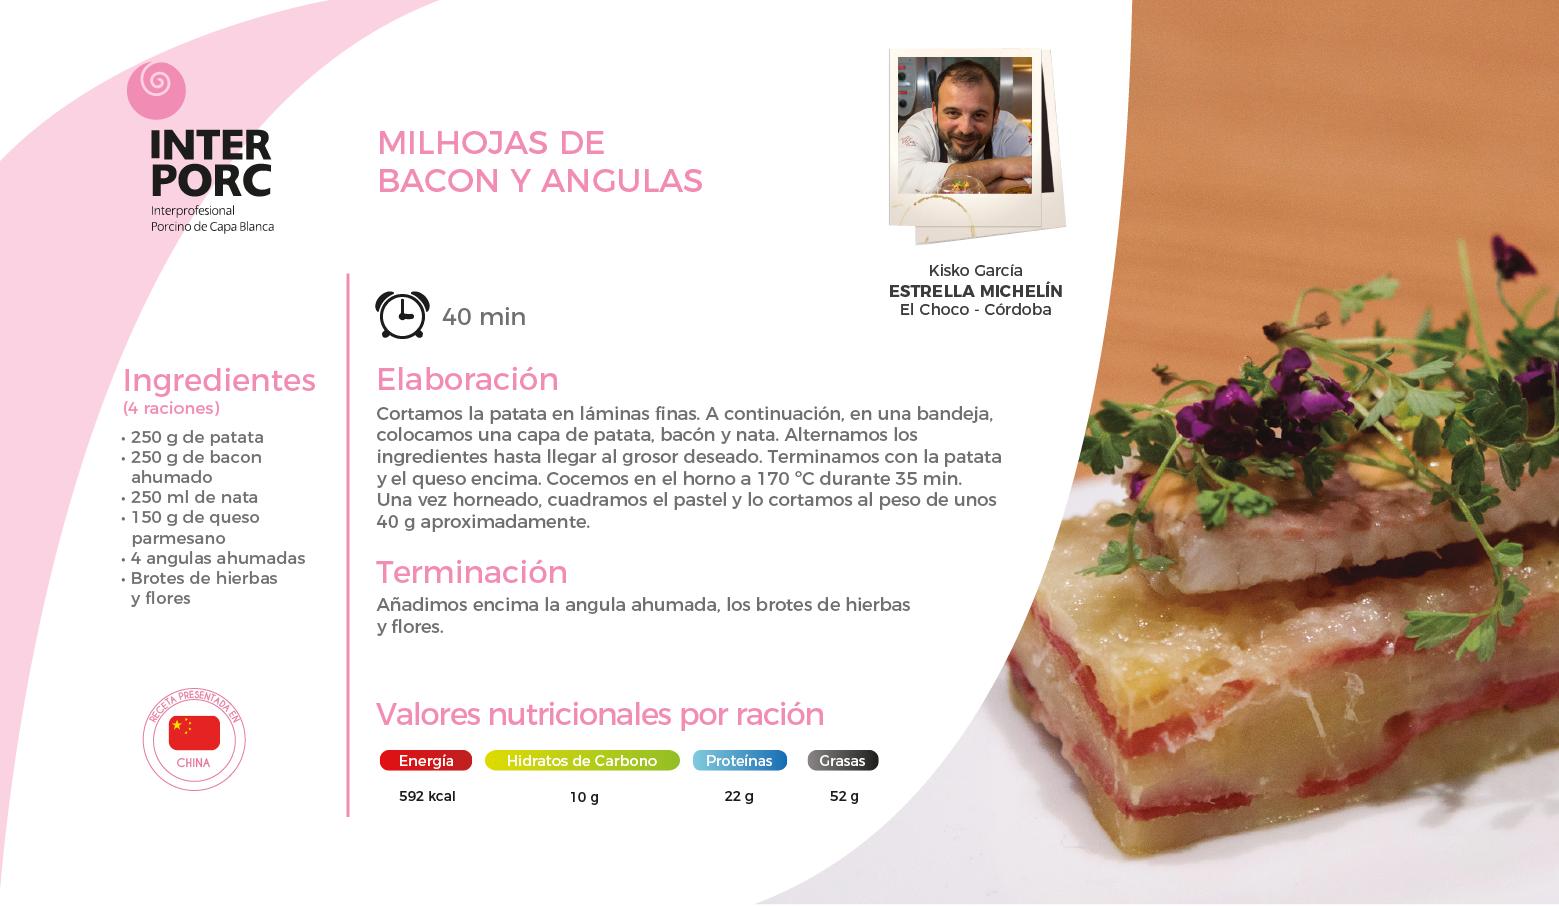 Milhojas de bacon y angulas